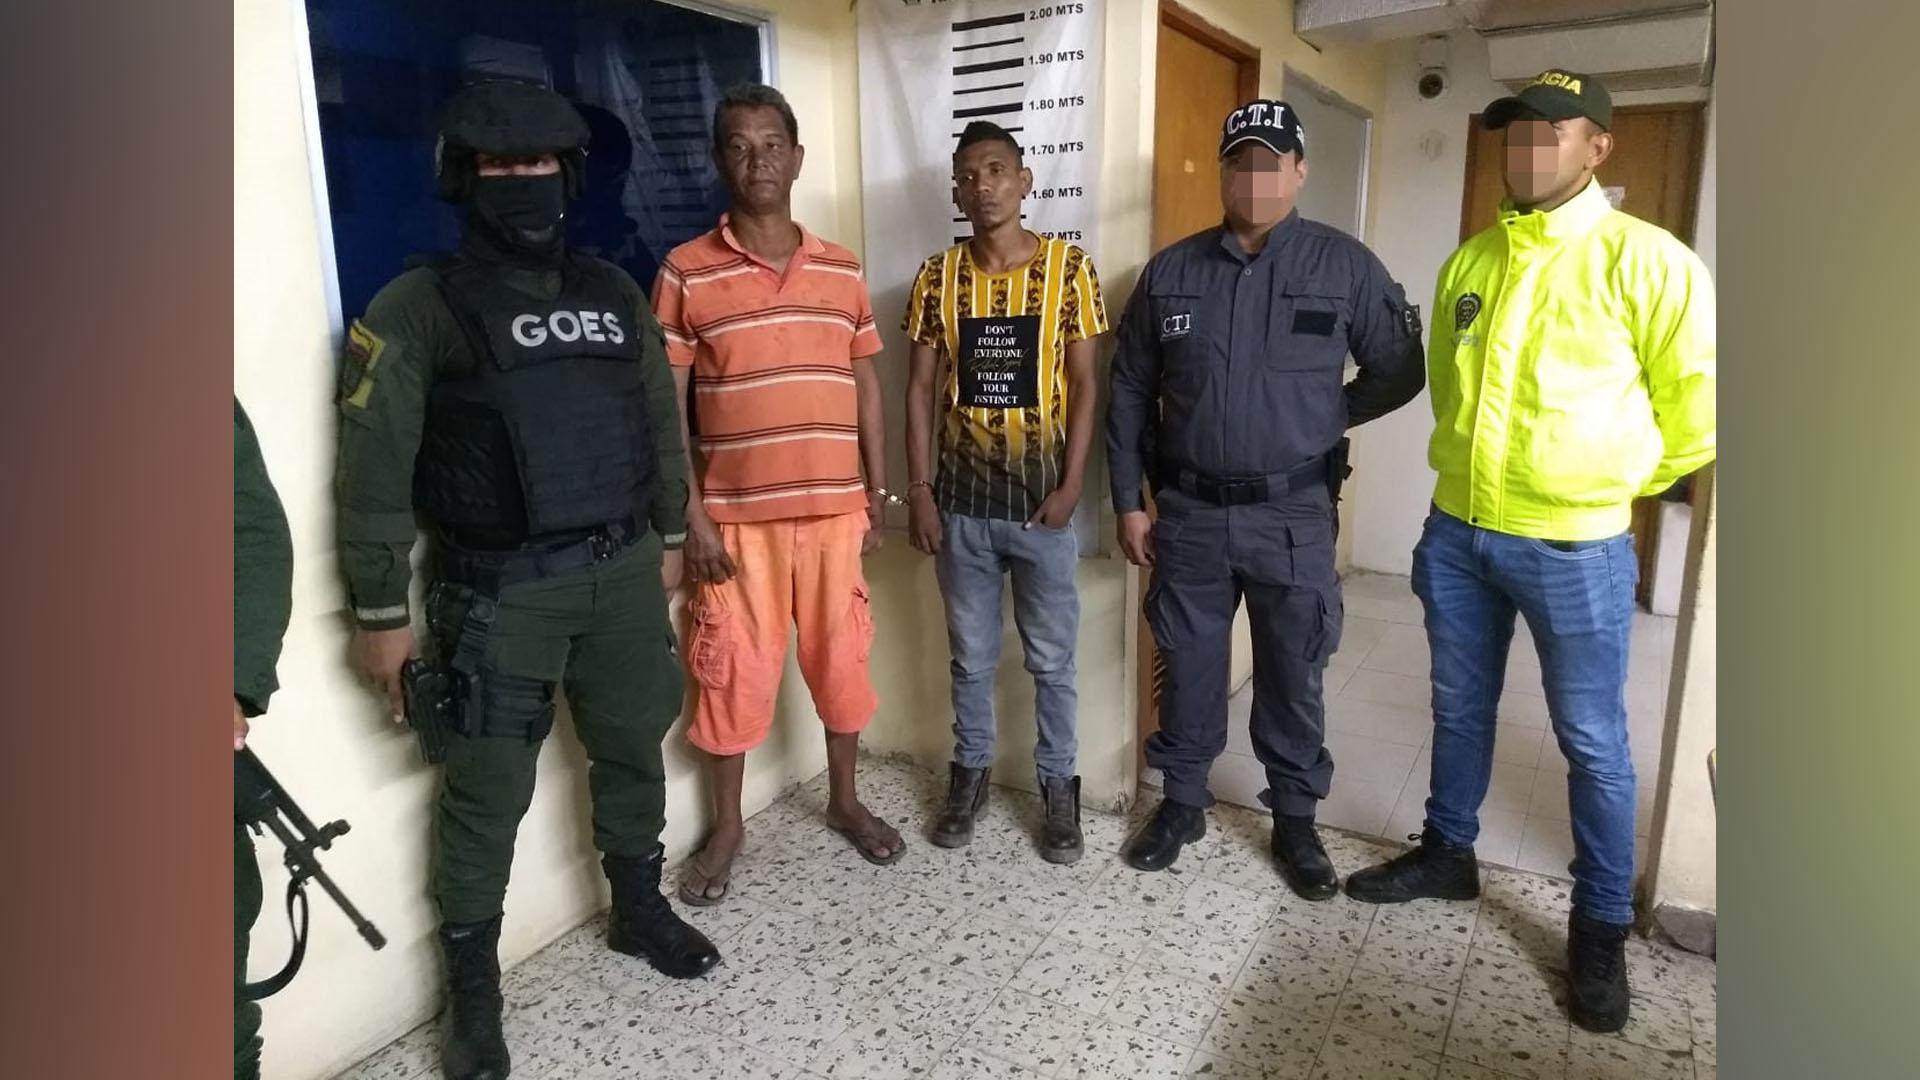 Capturan a dos con marihuana y un revólver en Magdalena - El Heraldo (Colombia)